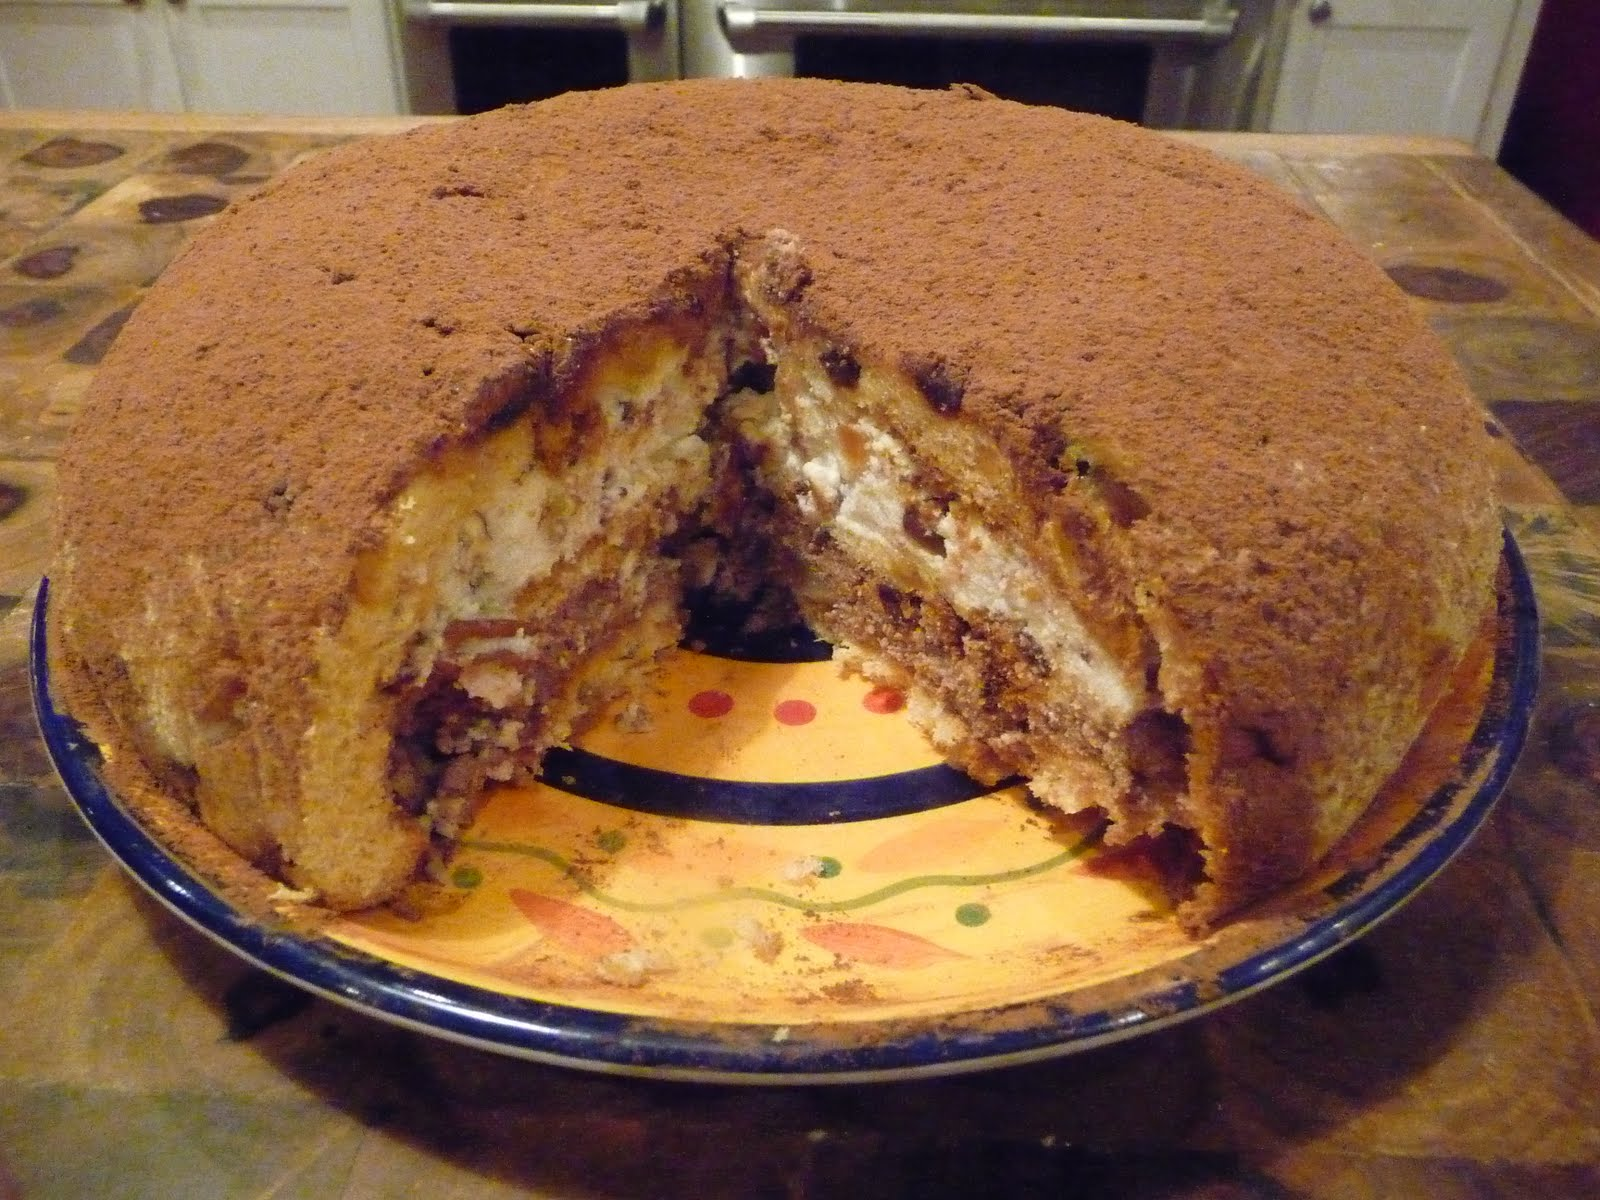 Zuccotto Recipe Panettone The Zuccotto di Panettone